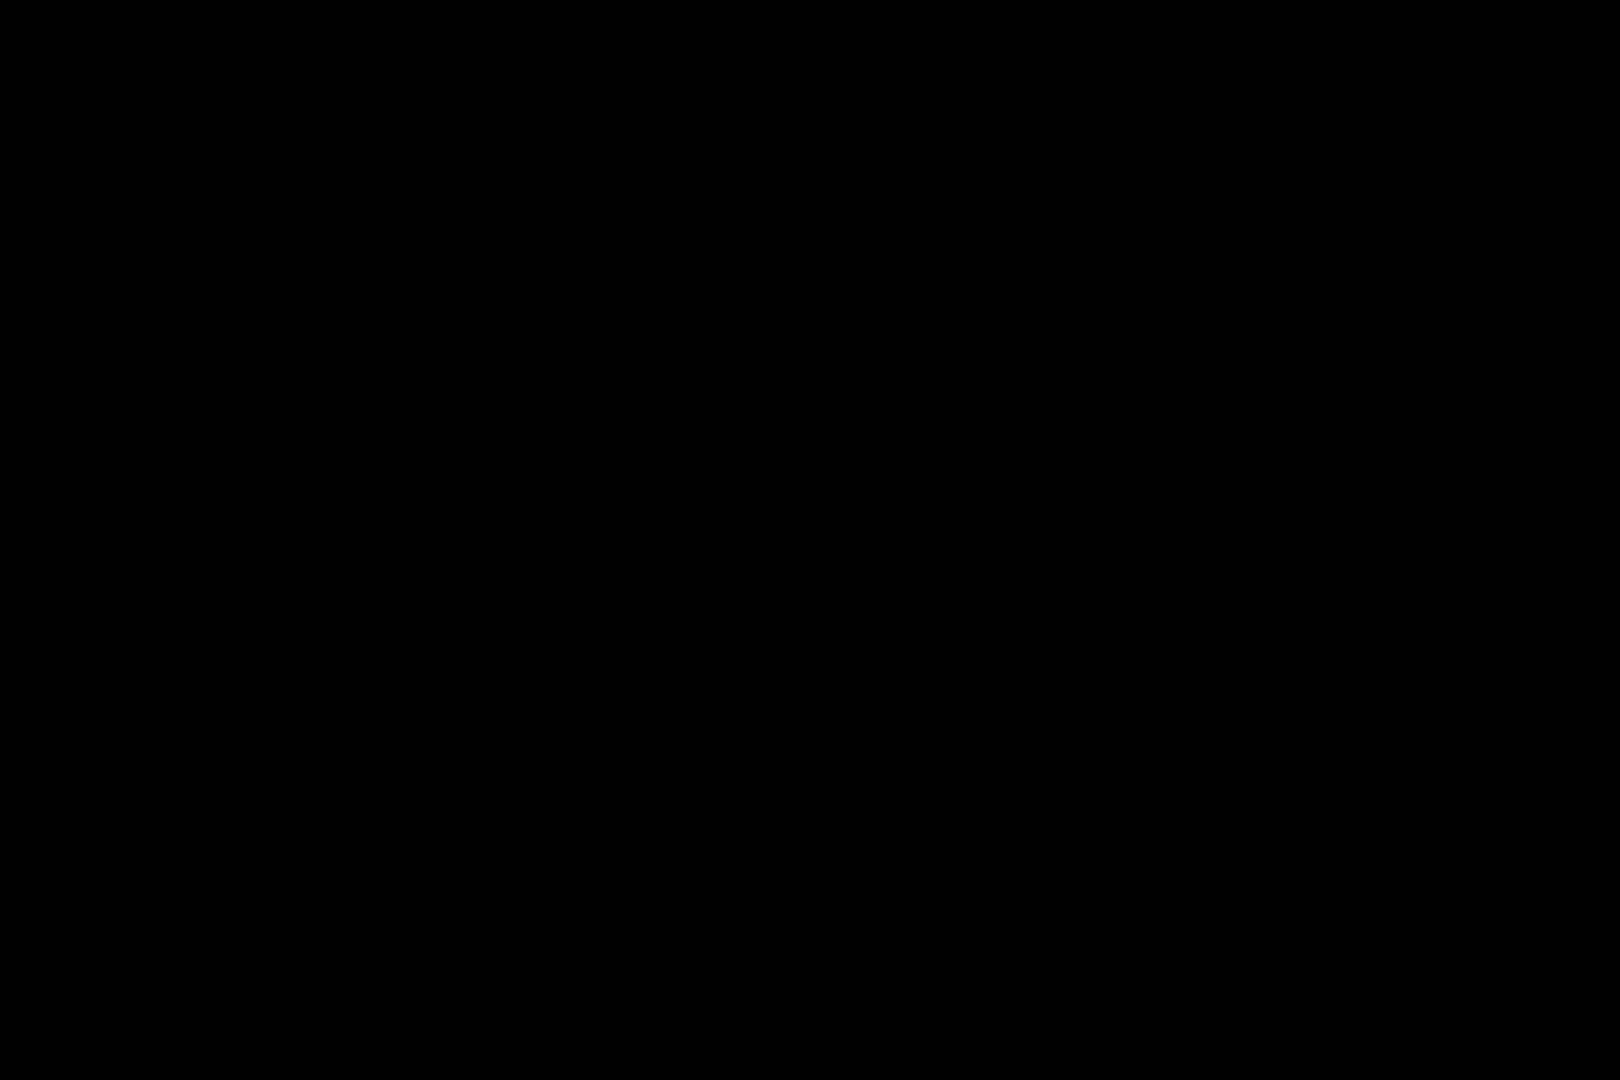 三ツ星シリーズ 魅惑のMemorial Night!! vol.04 モザ無し ゲイアダルト画像 114枚 3